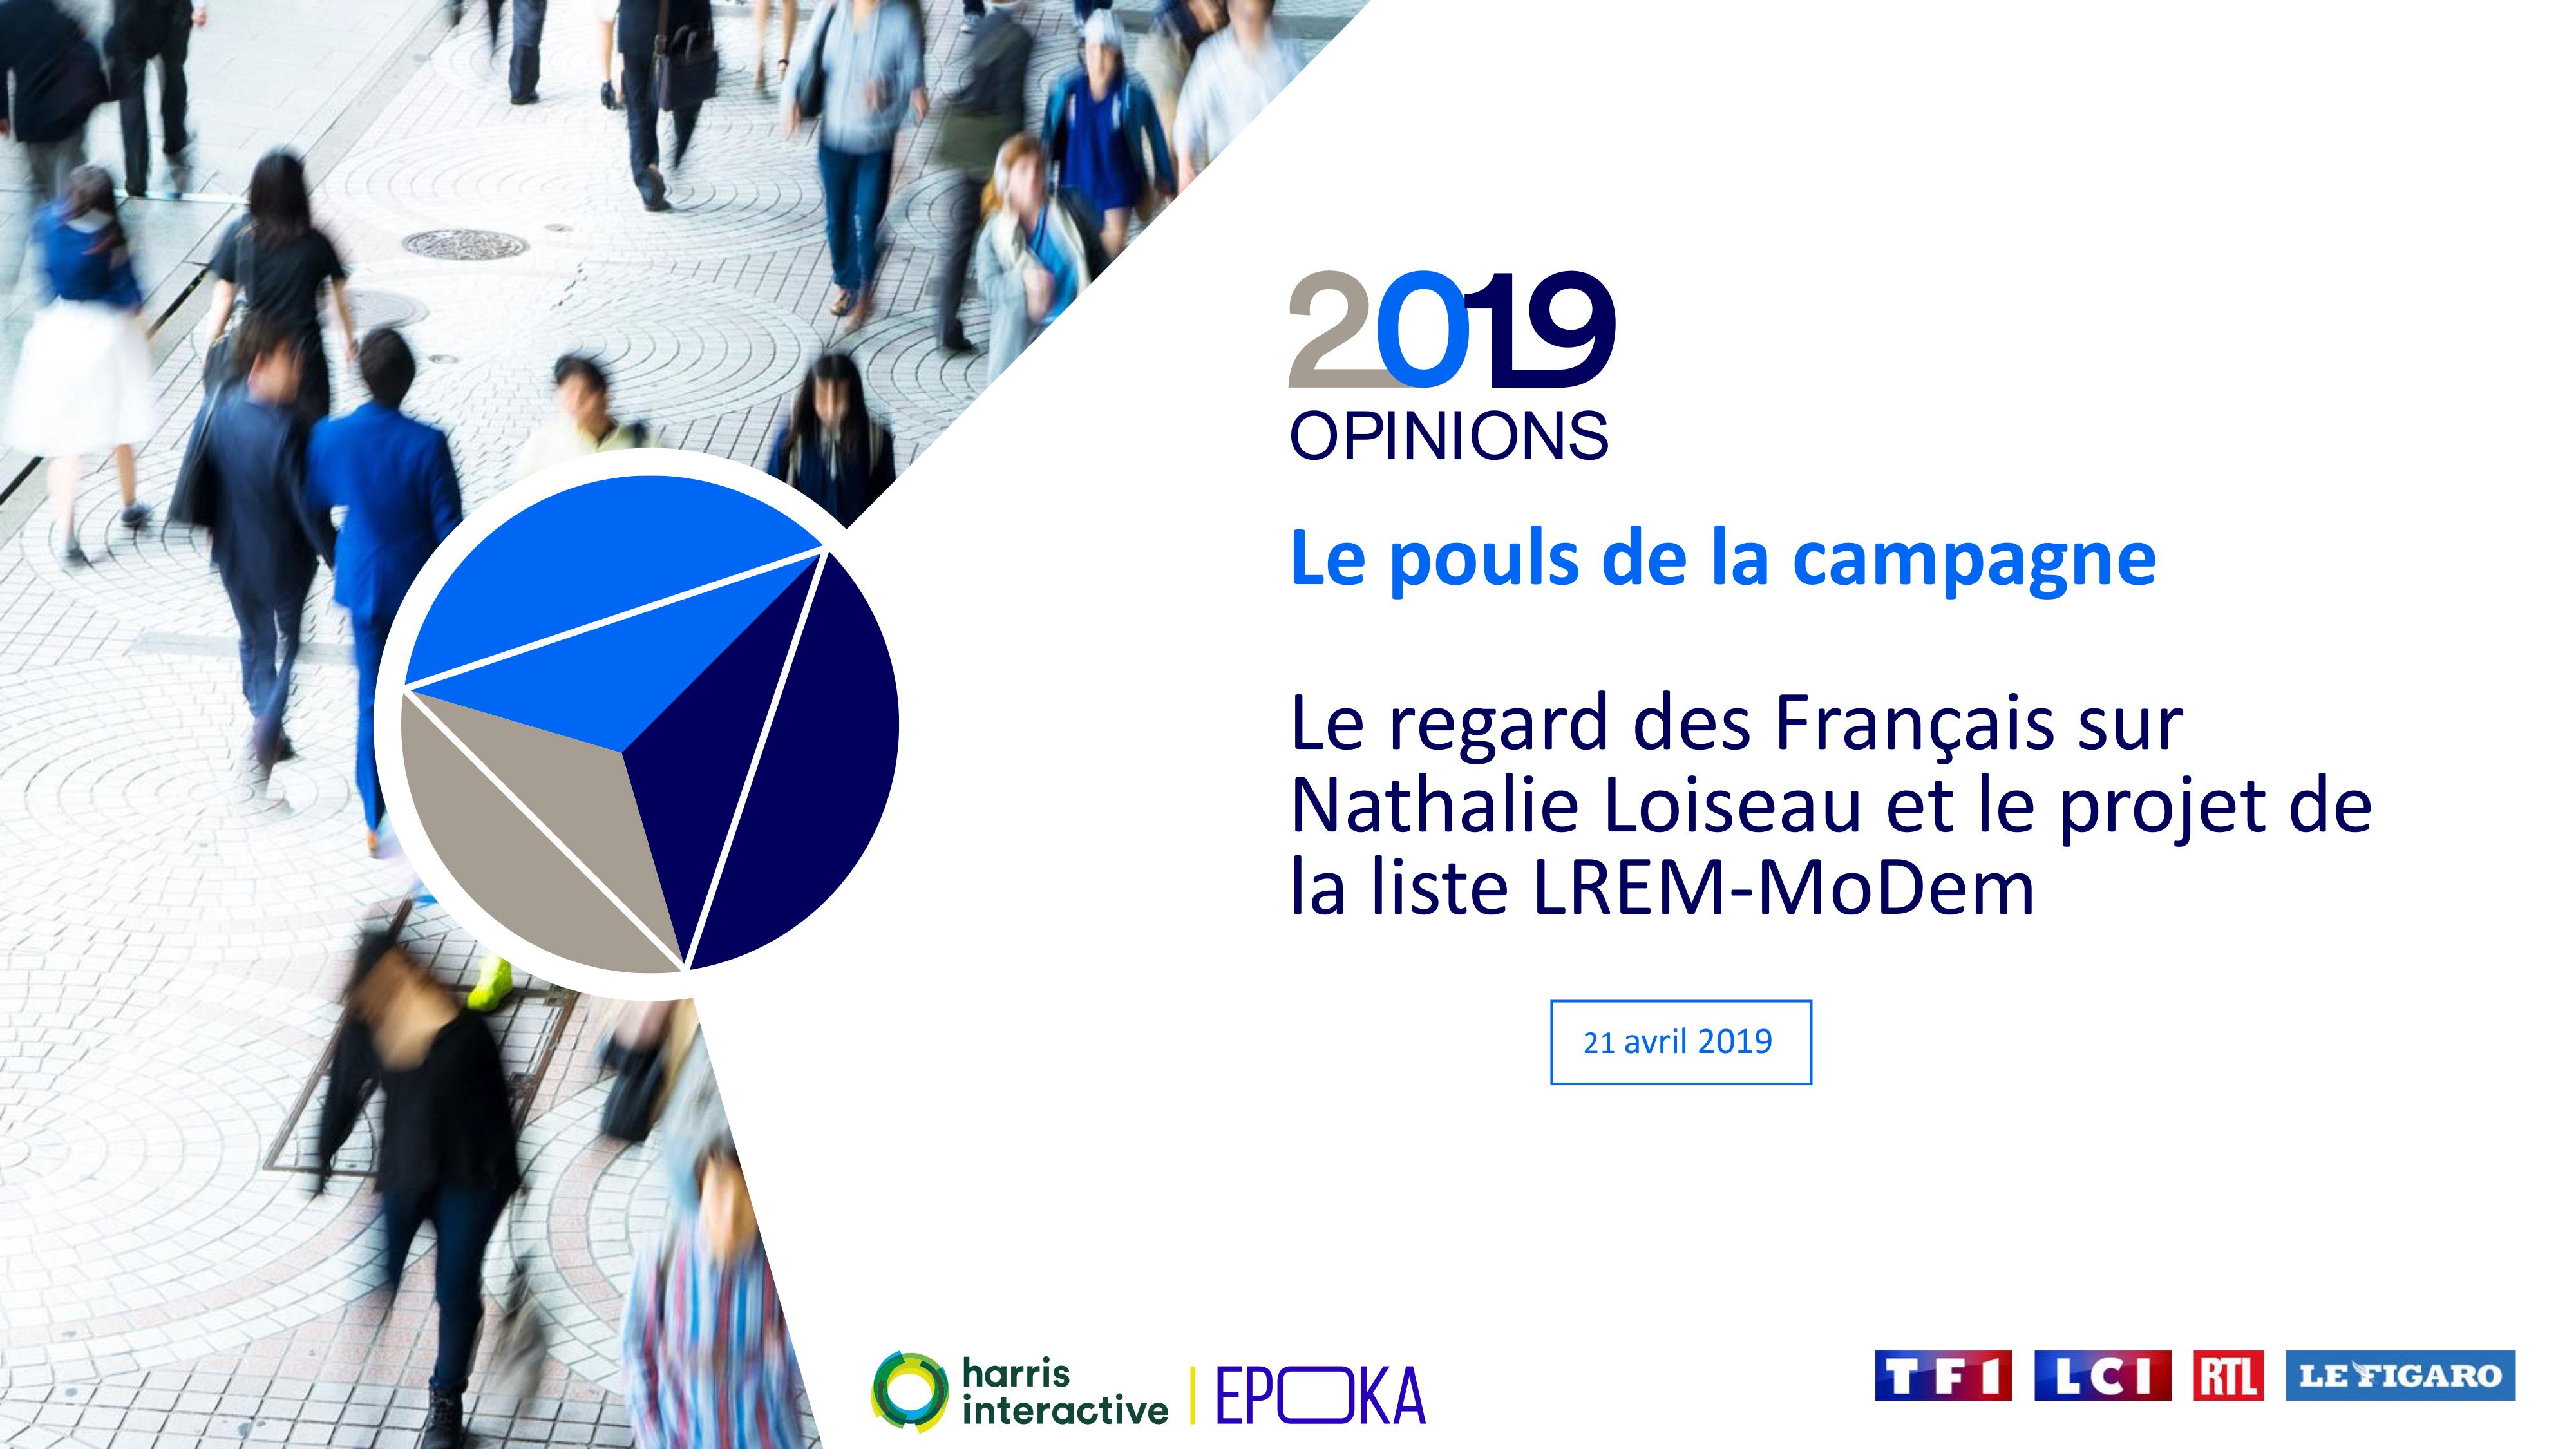 Le regard des Français sur Nathalie Loiseau et le projet de la liste LREM-MoDem image